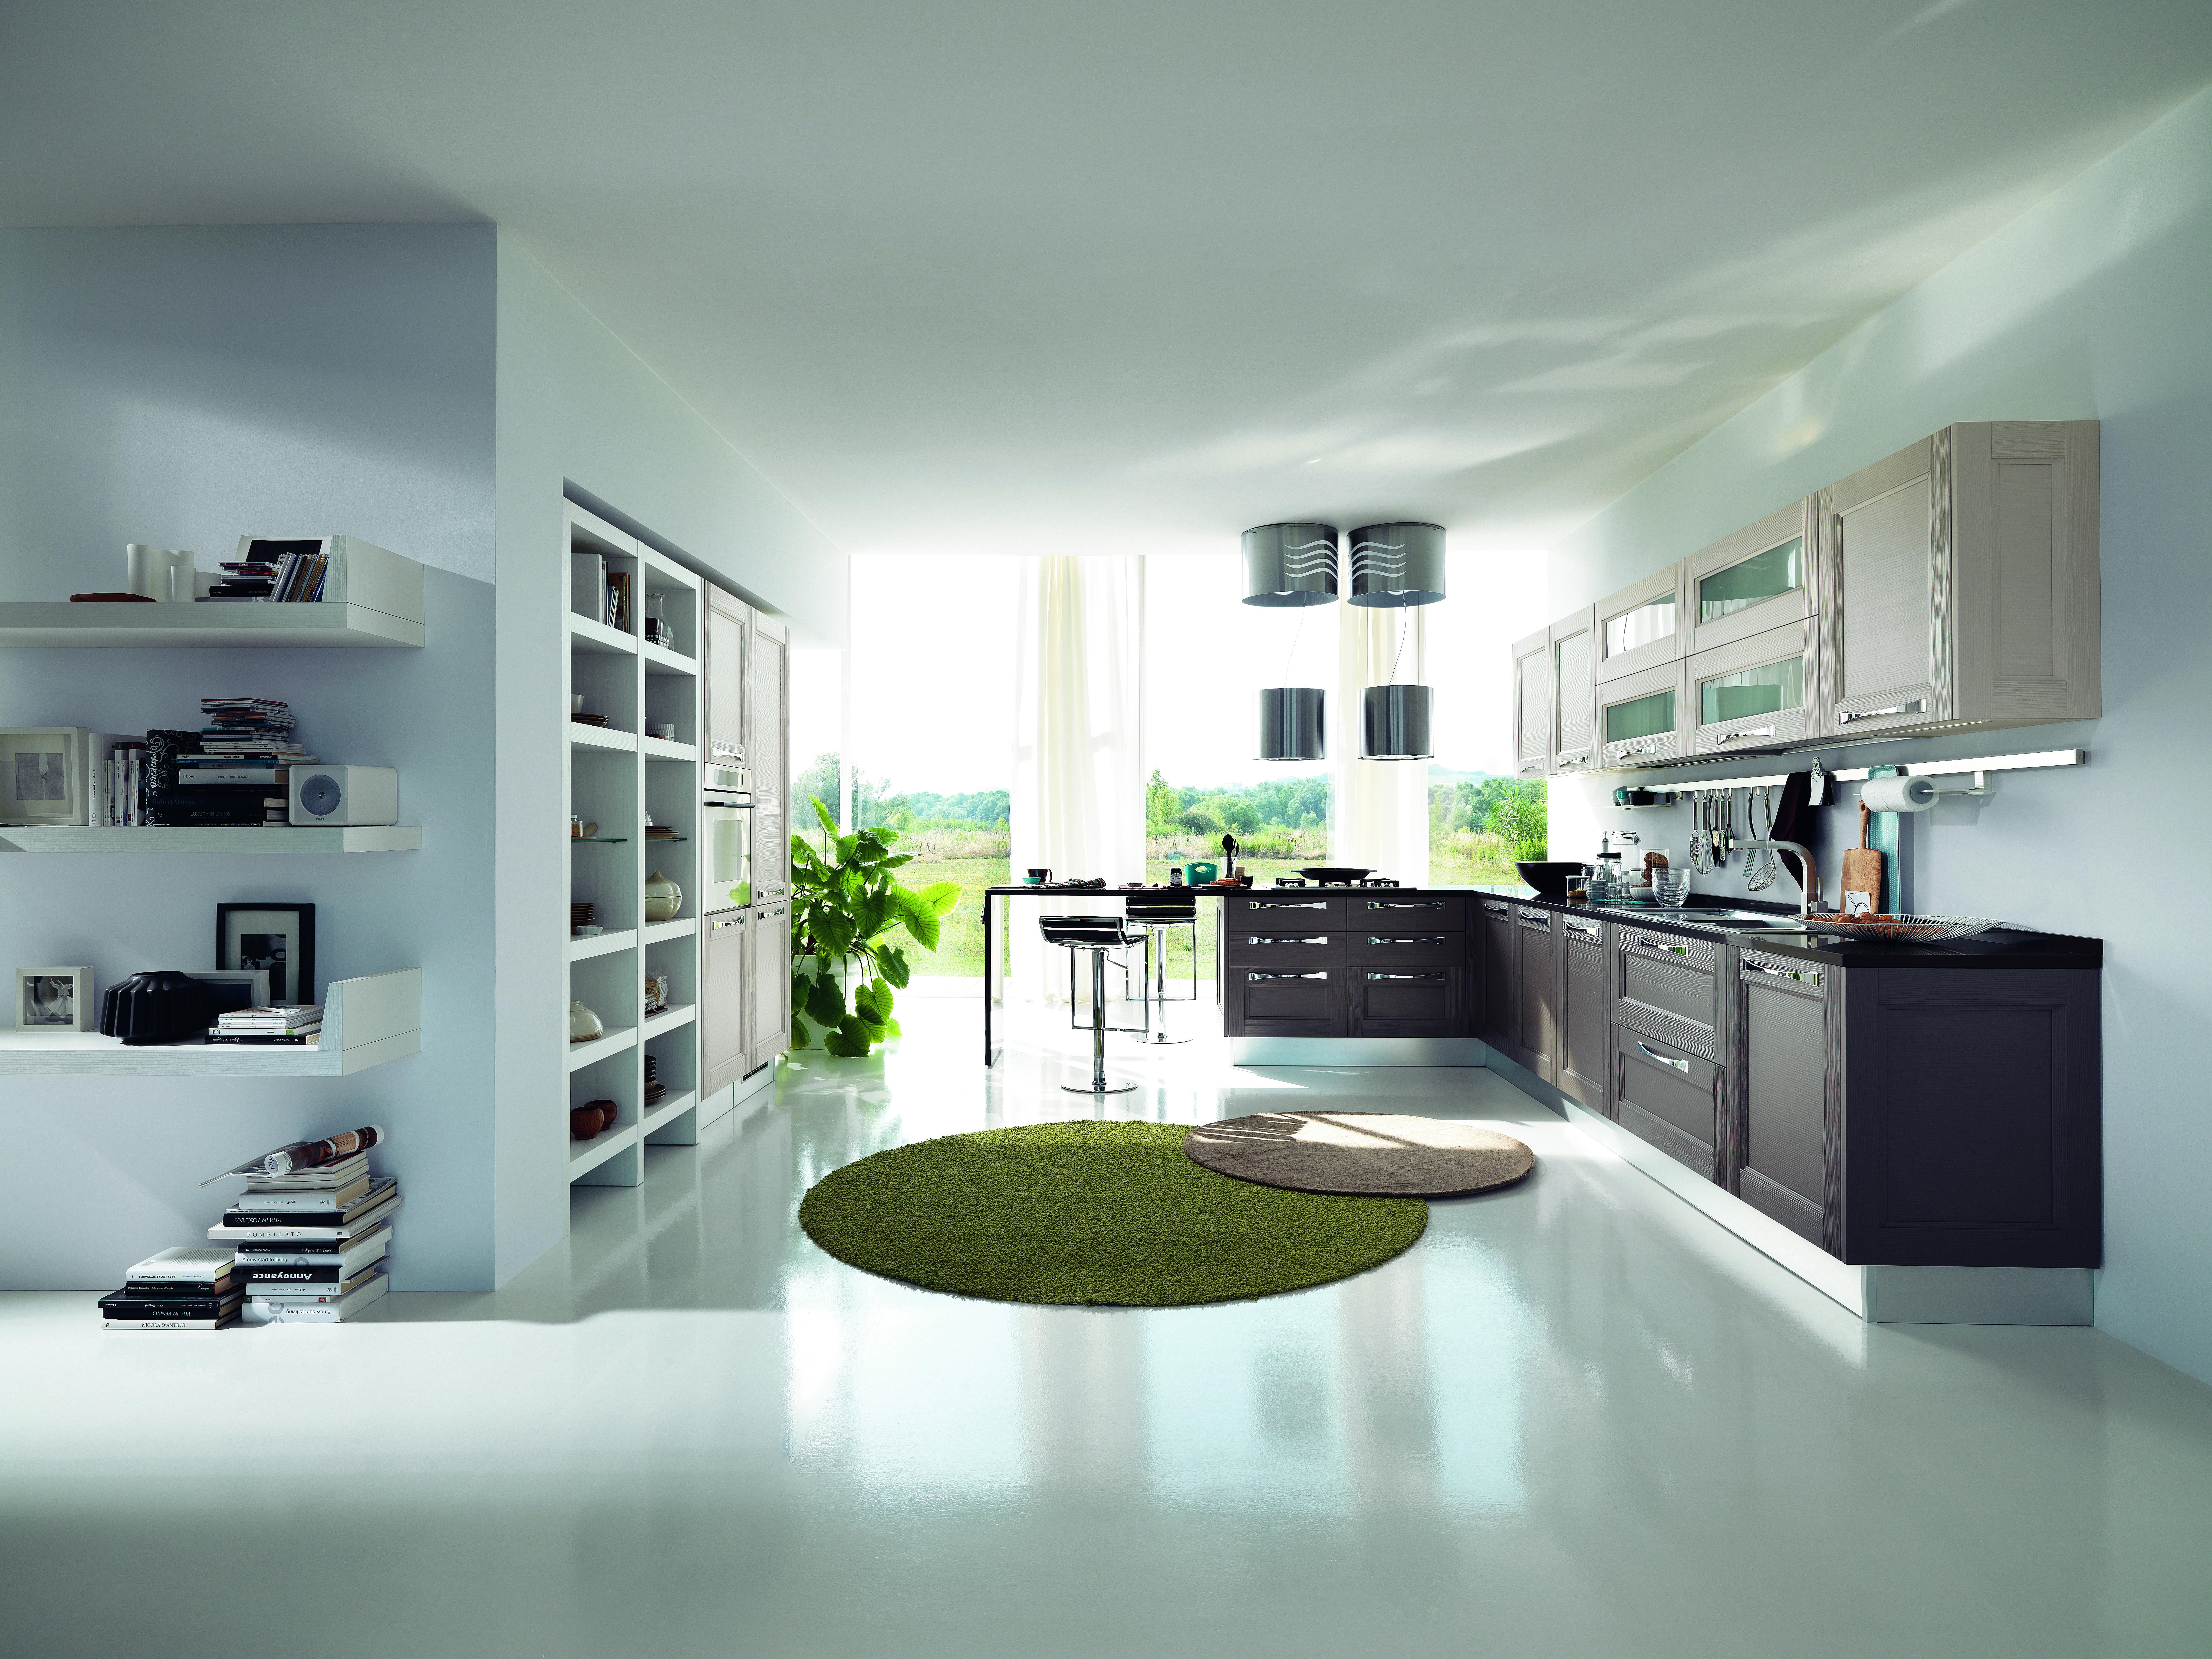 Cherrypik interior design kitchen